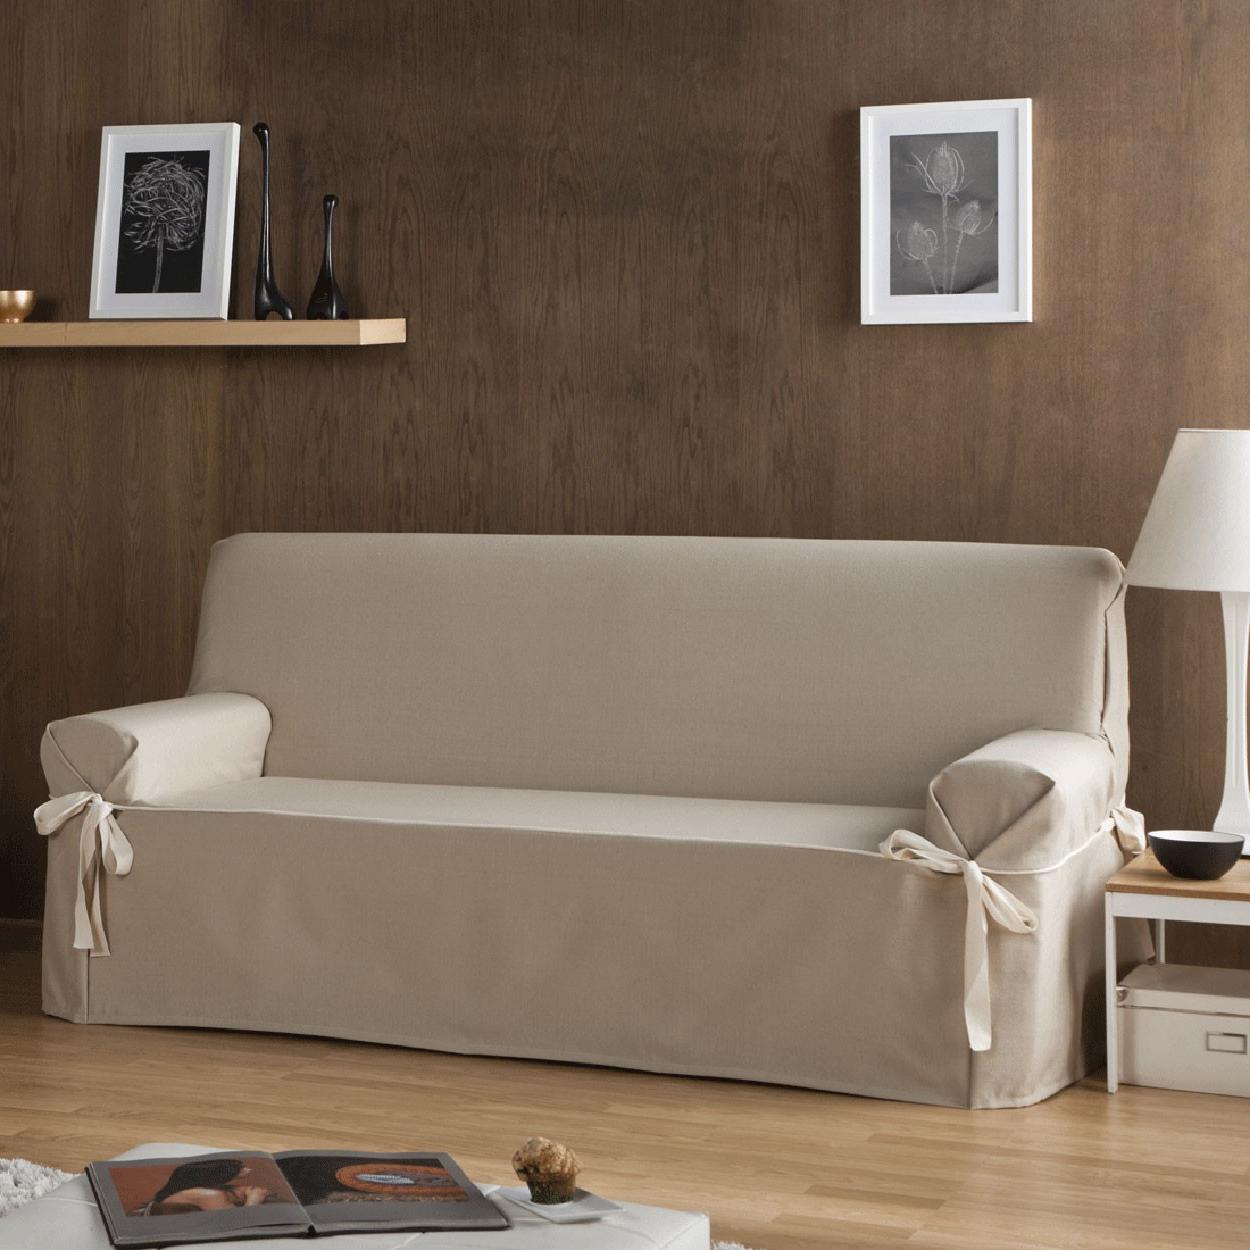 Forros Para sofas O2d5 Funda sofà Universal Beret Lazos